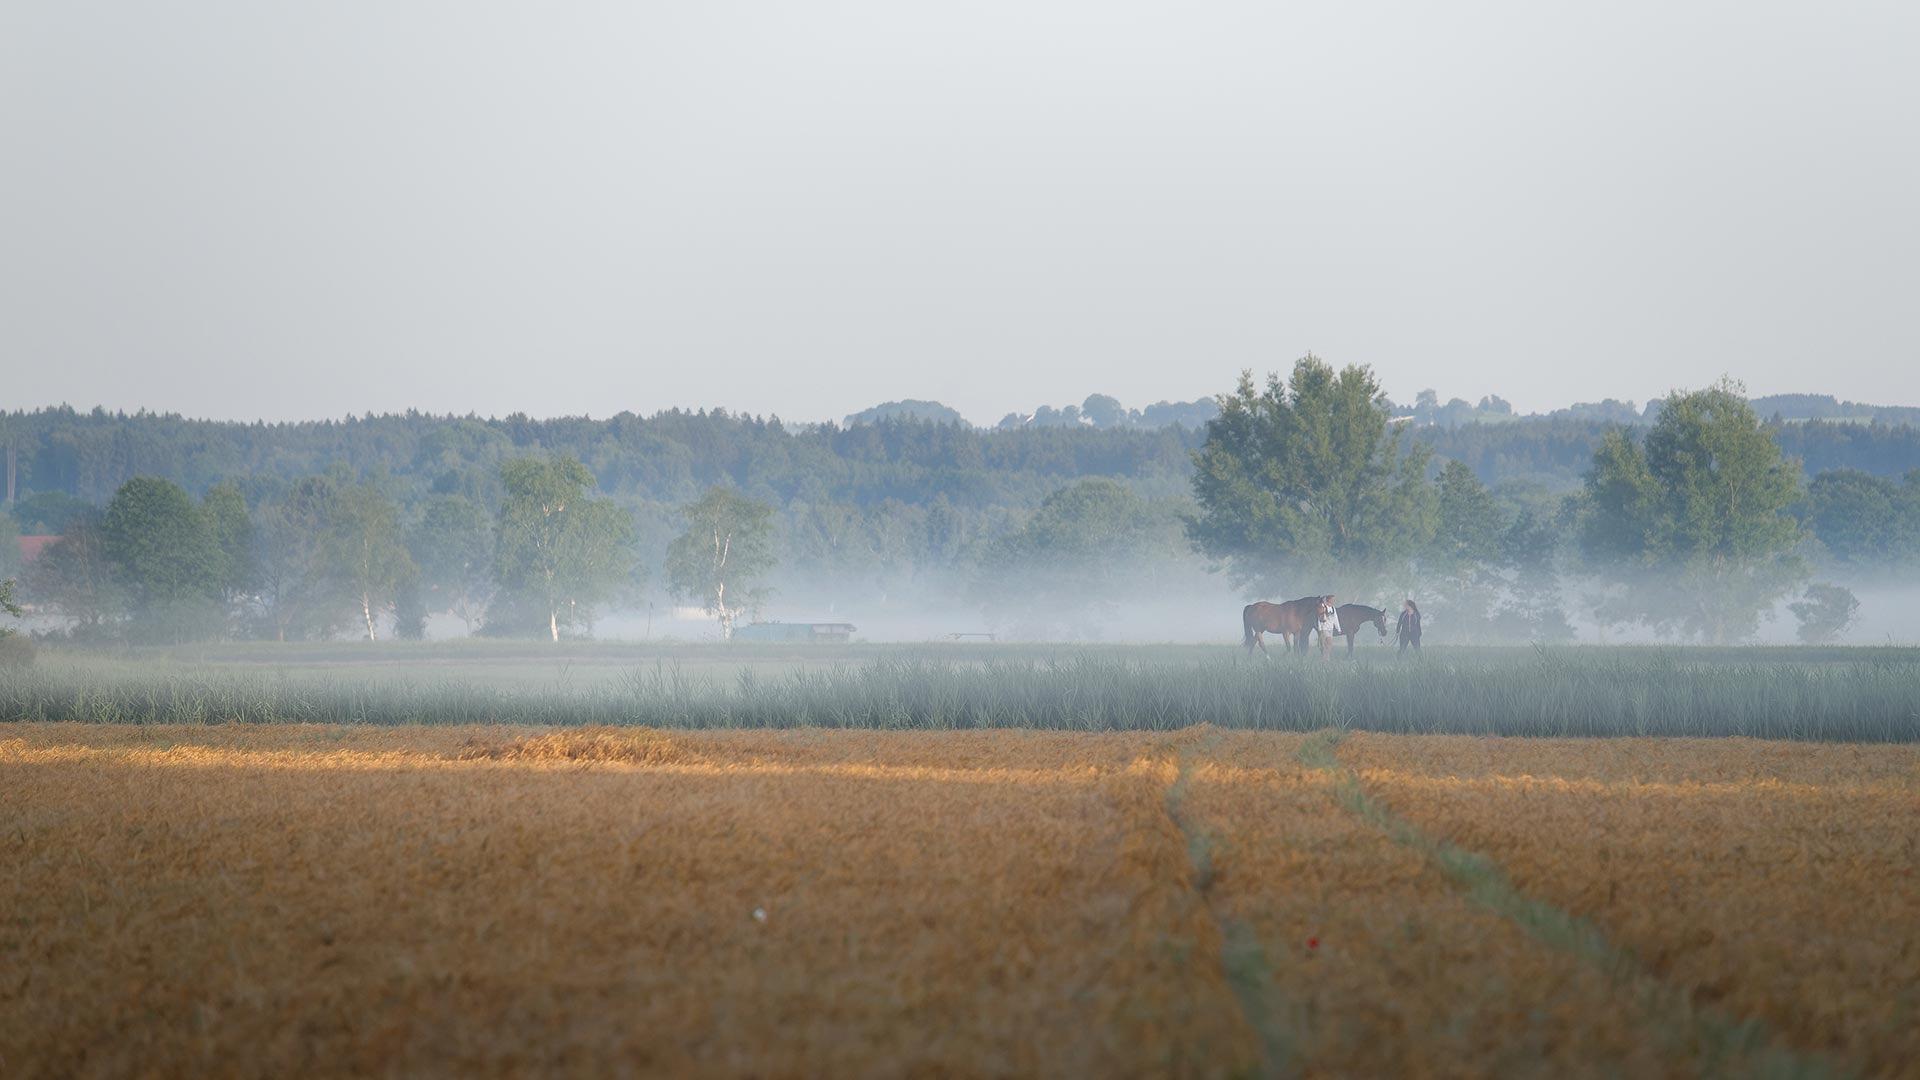 pferdefotografie-in-der-natur-wmstallweilheim-morgengrauen-hd